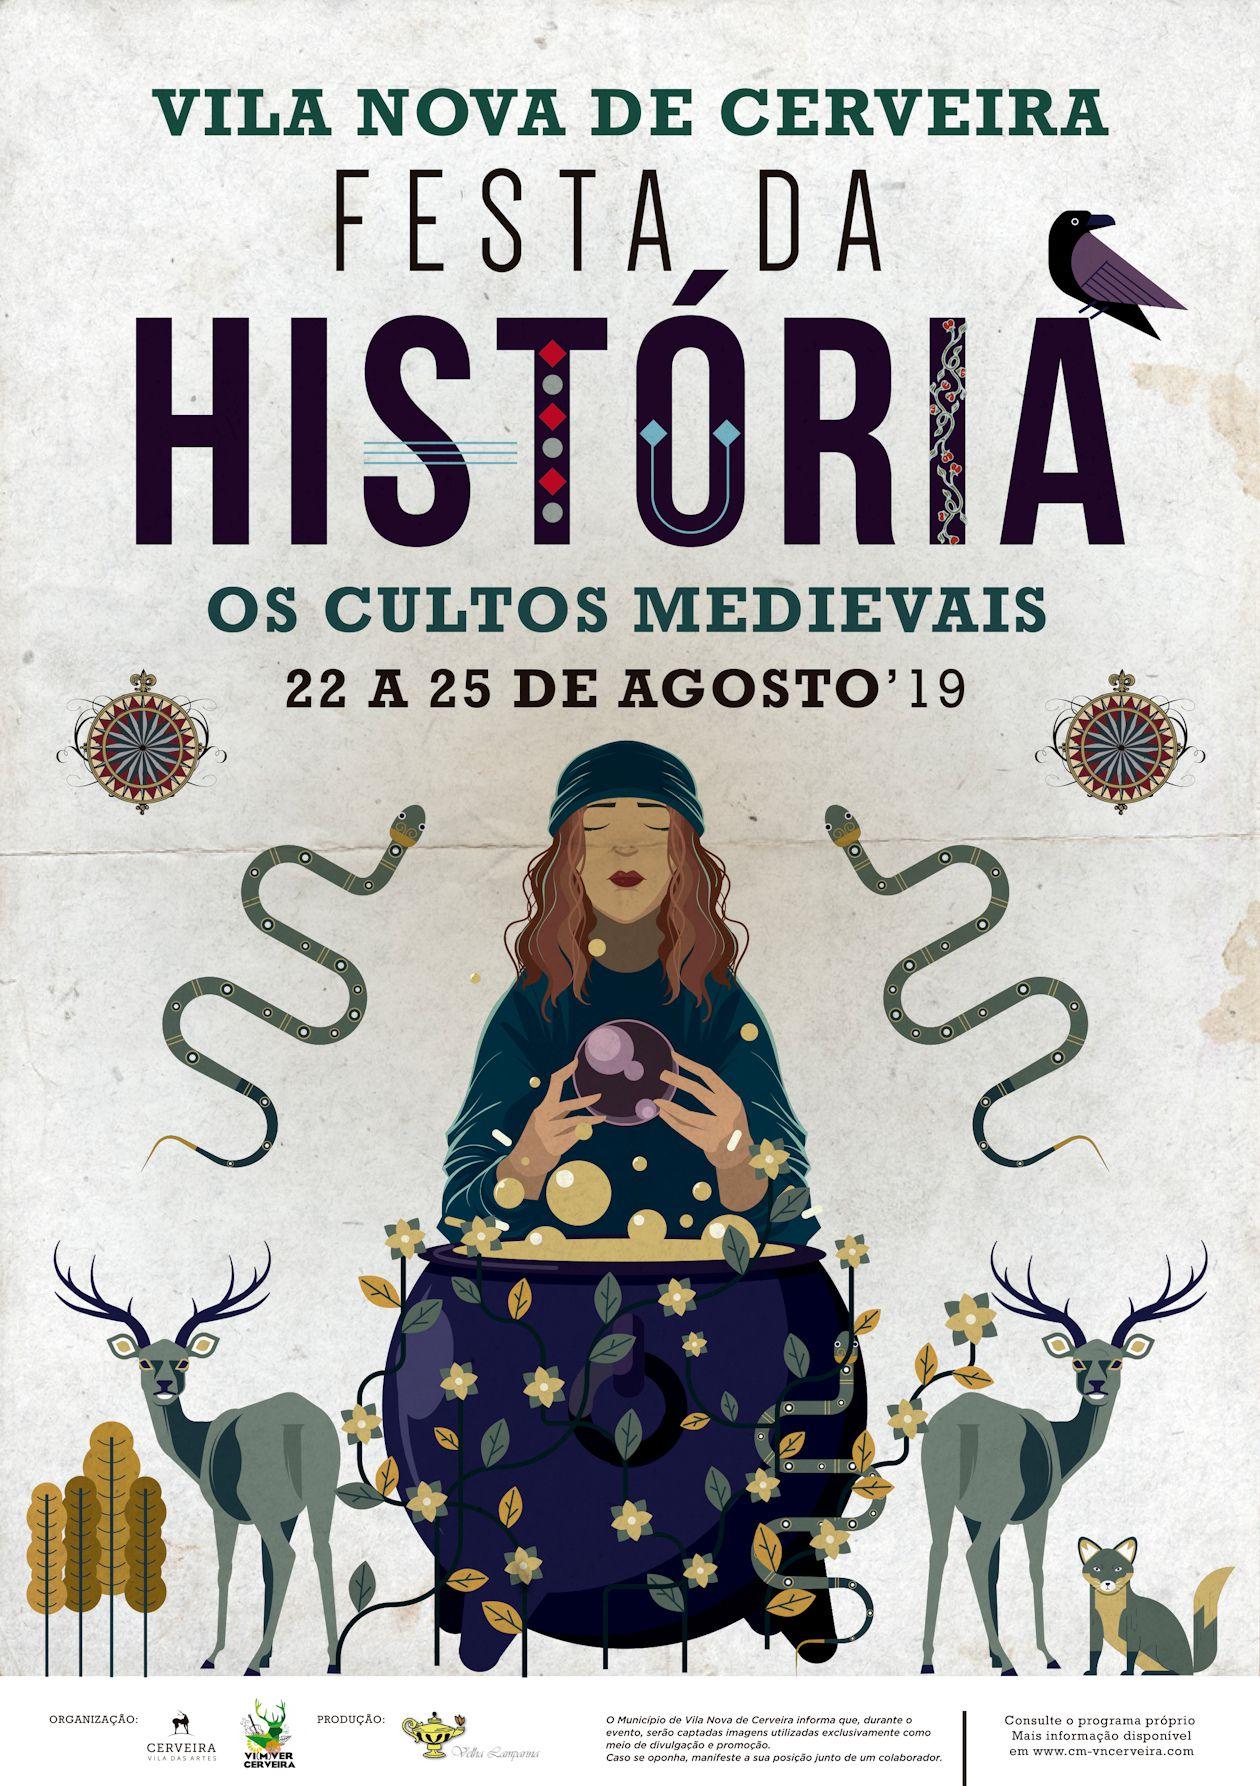 Vila Nova de Cerveira – Festa da História